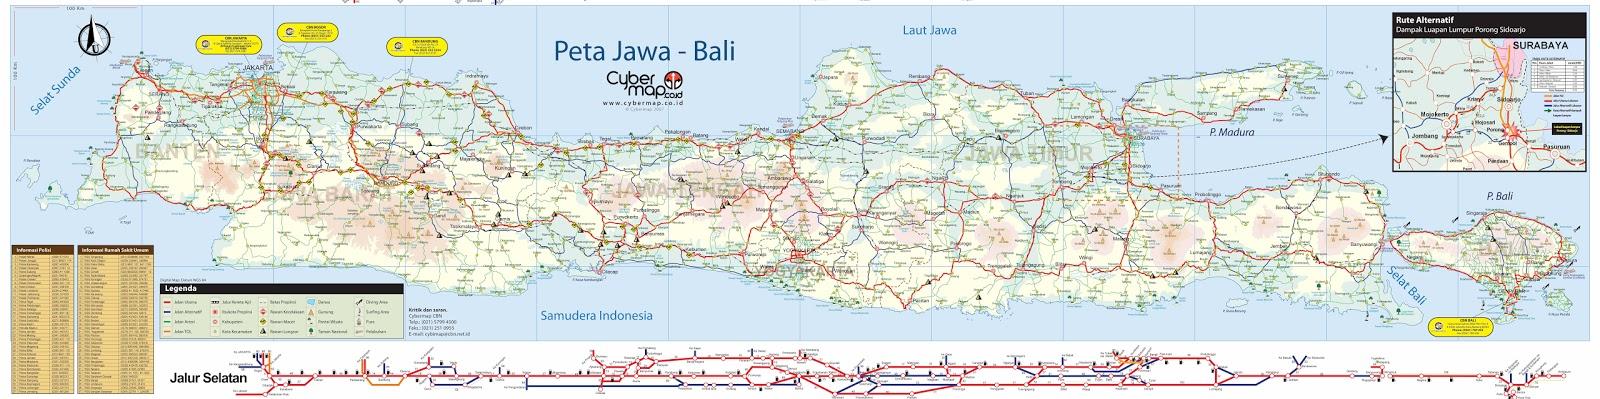 Peta Mudik Jawa 2011 Pks Cikarang Timur Wwwgambar